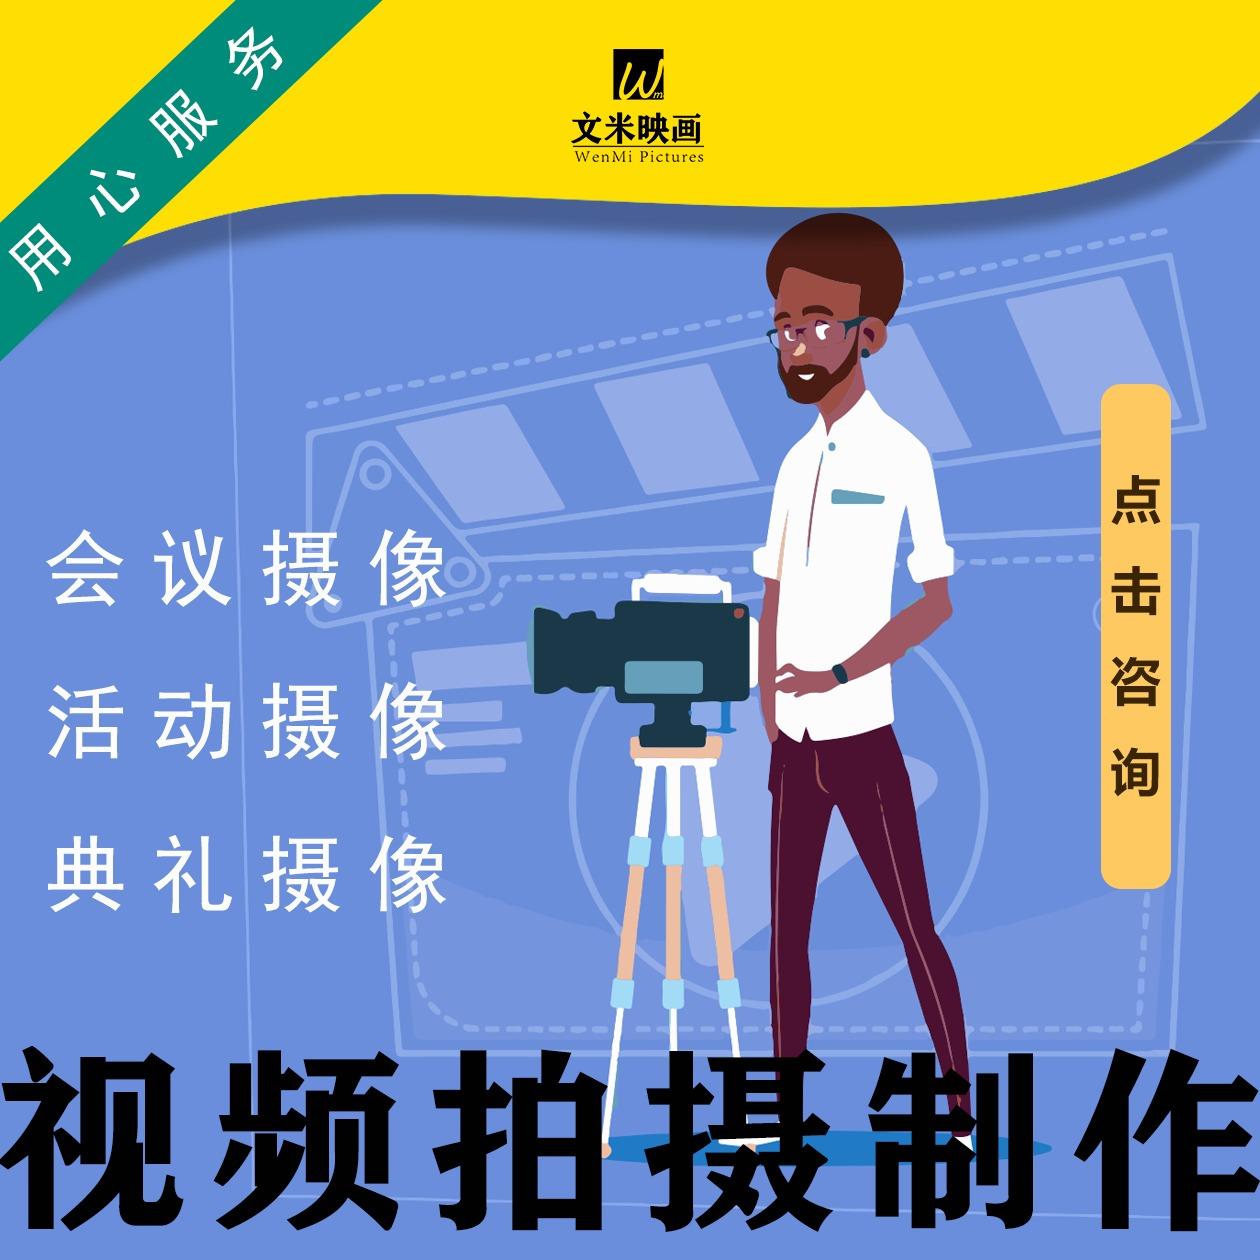 【摄像服务】专业会议摄像视频拍摄晚会活动现场摄像拍摄活动年会